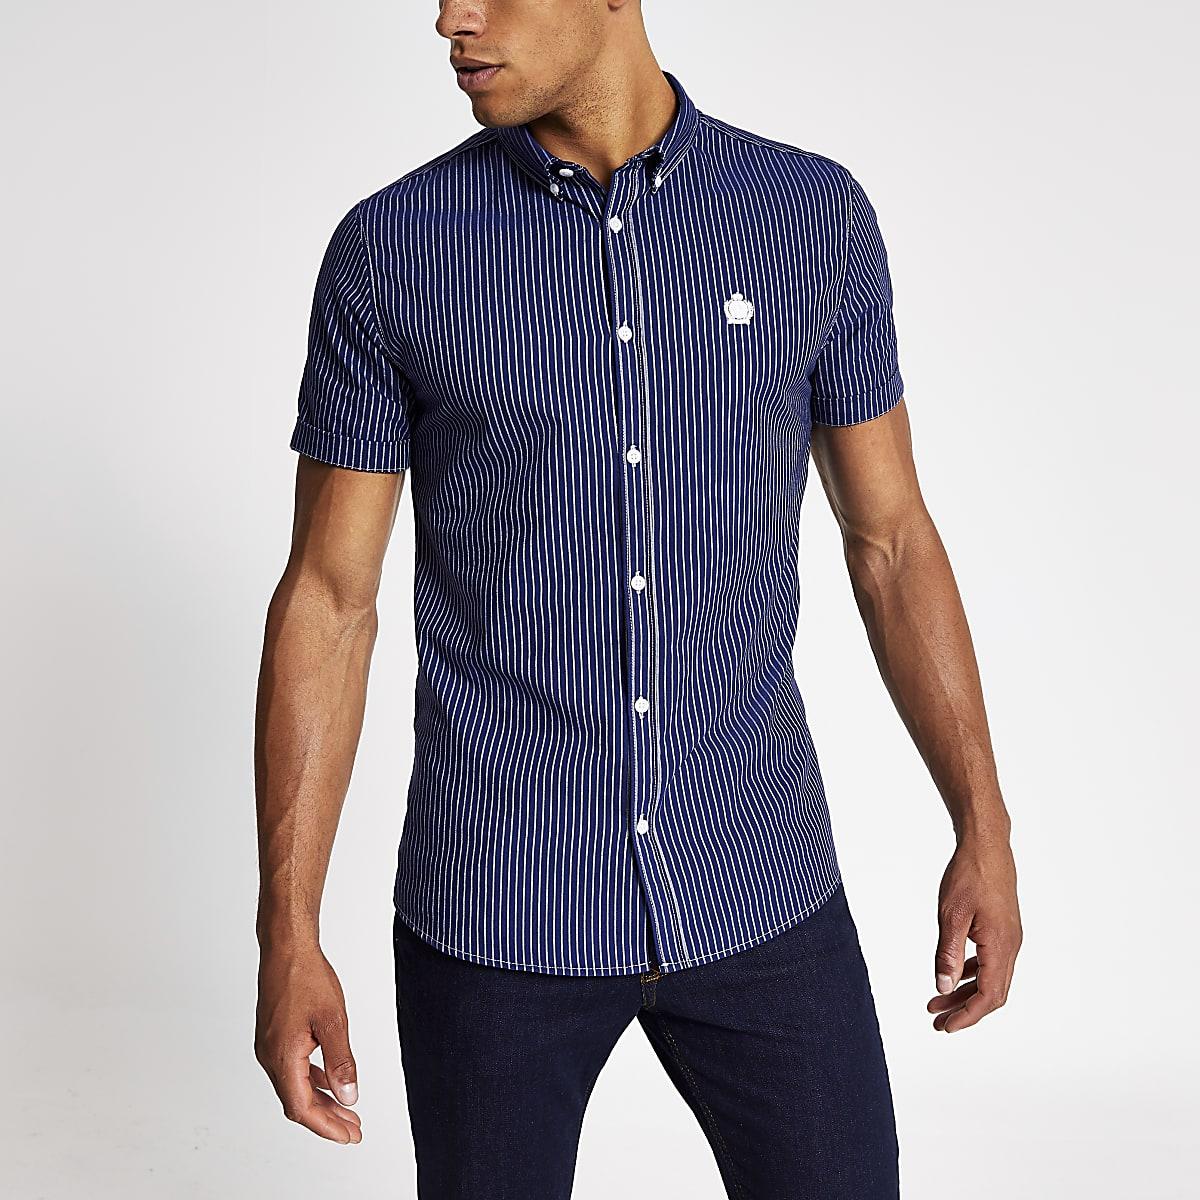 Marineblauw gestreept smal Oxfordoverhemd met korte mouwen